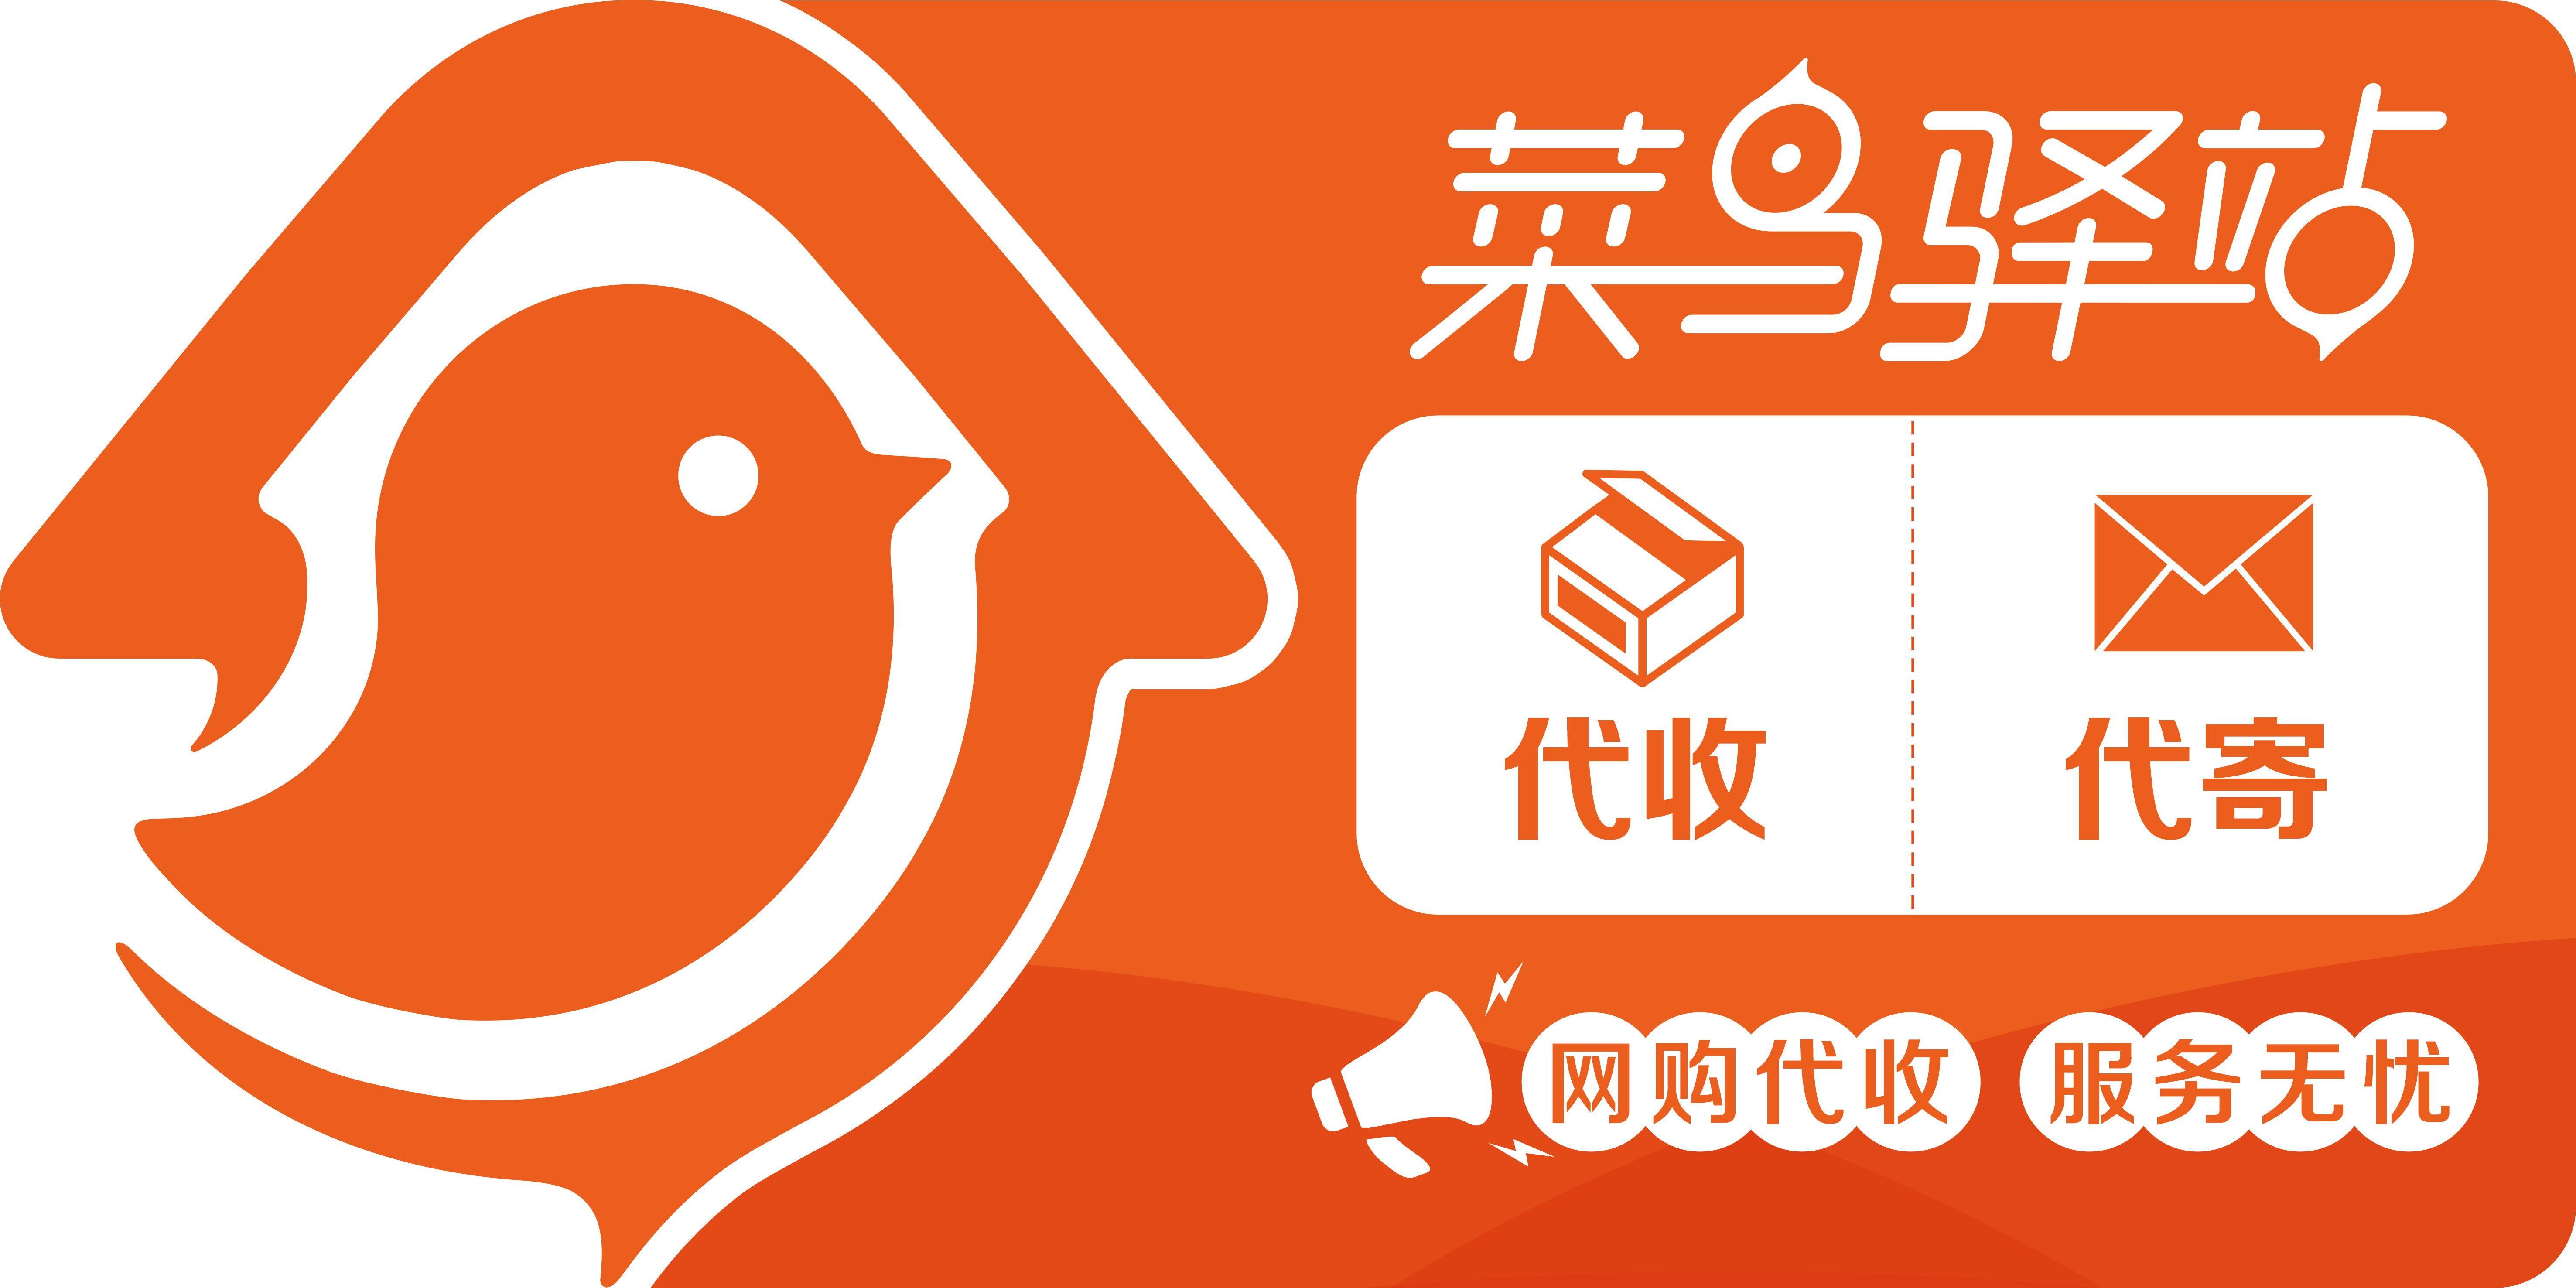 菜鸟logo矢量图